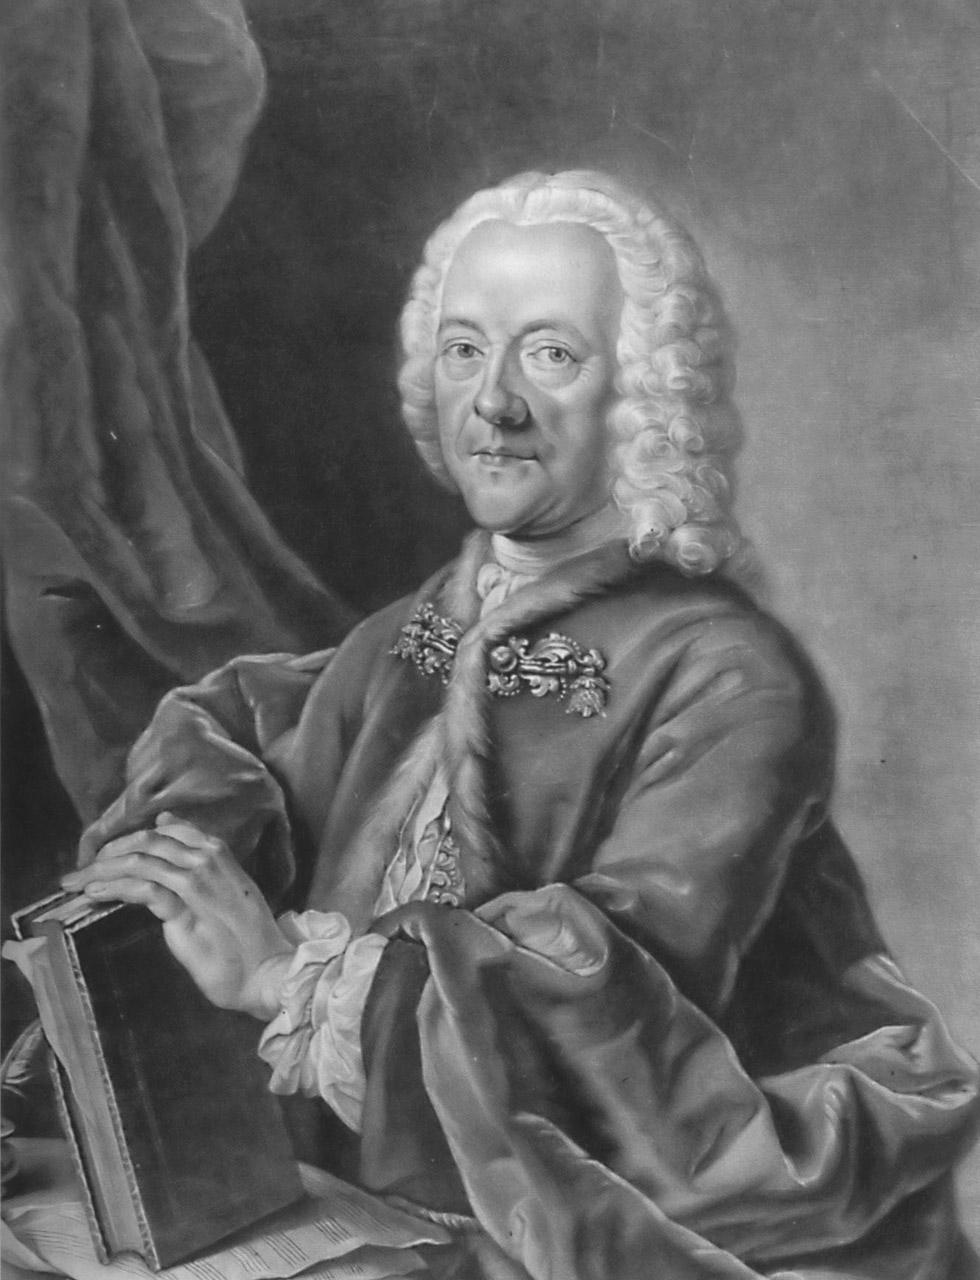 Georg Philipp Telemann - Reinhard Goebel Wassermusik - Water Music - Musique Sur L'Eau - 3 Konzerte - Concertos